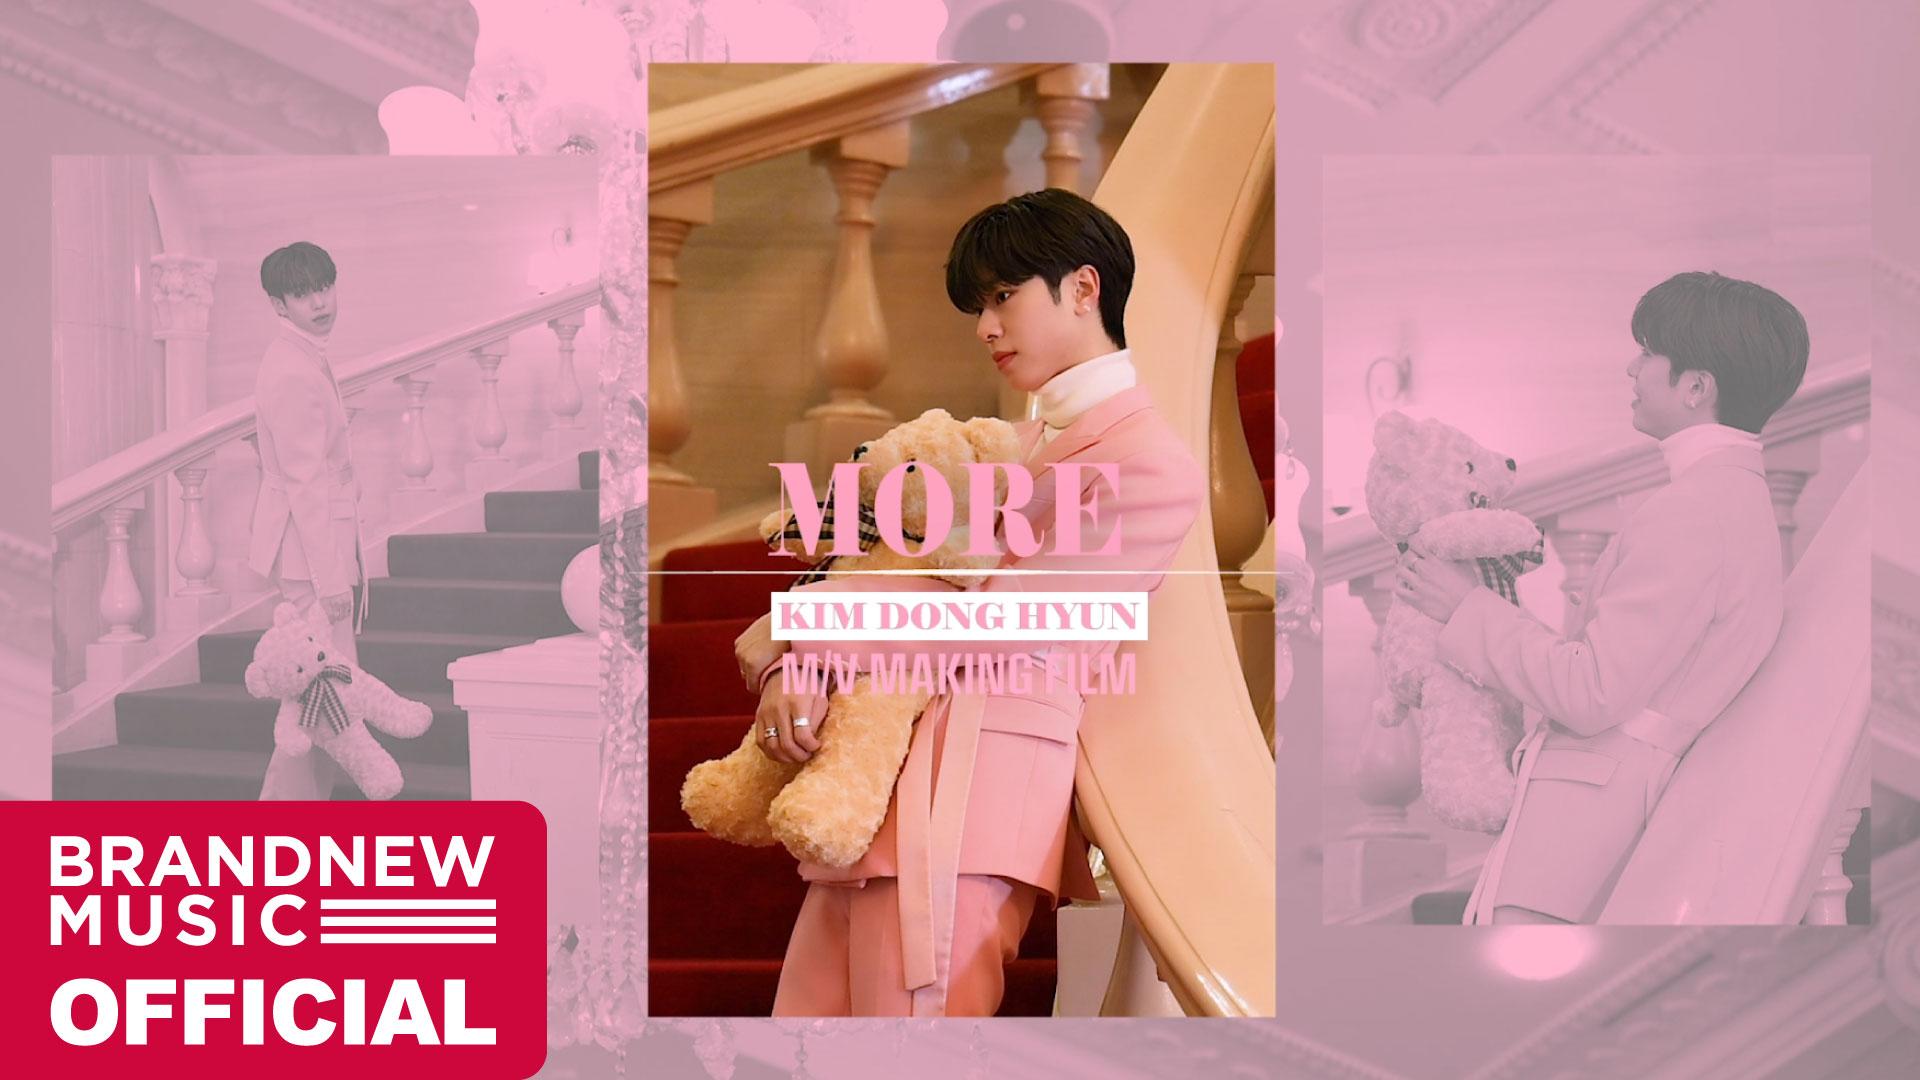 AB6IX (에이비식스) 김동현 (KIM DONG HYUN) '더 더 (MORE)' M/V MAKING FILM